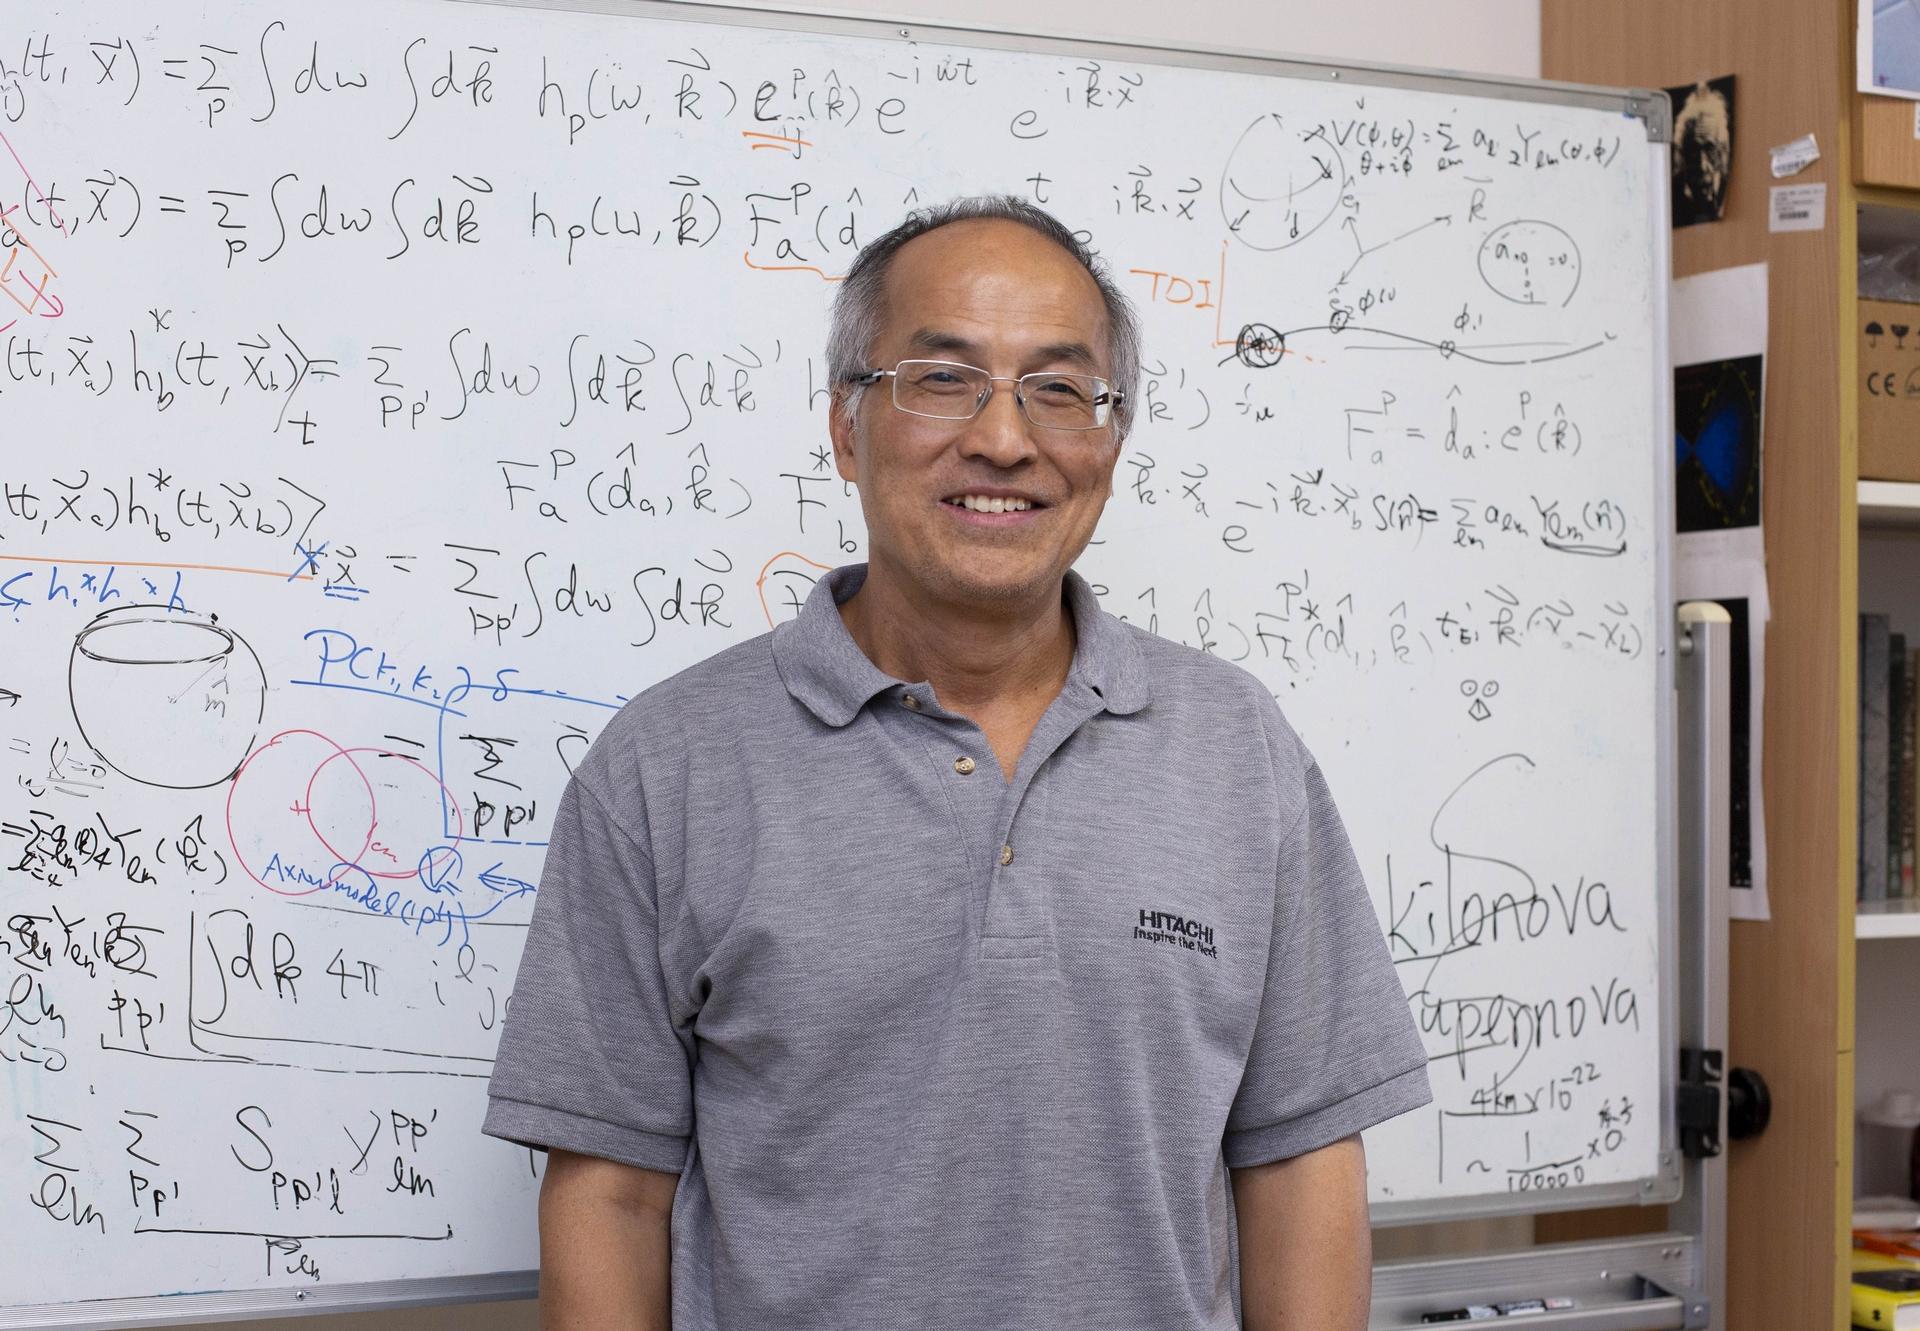 中研院物理所吳建宏研究員,以深厚的學養、推廣科學的使命感,將高深的重力波學理,轉化為生動好懂的科普演講,在 2019 年中研院院區開放日與民眾分享。 攝影│林洵安